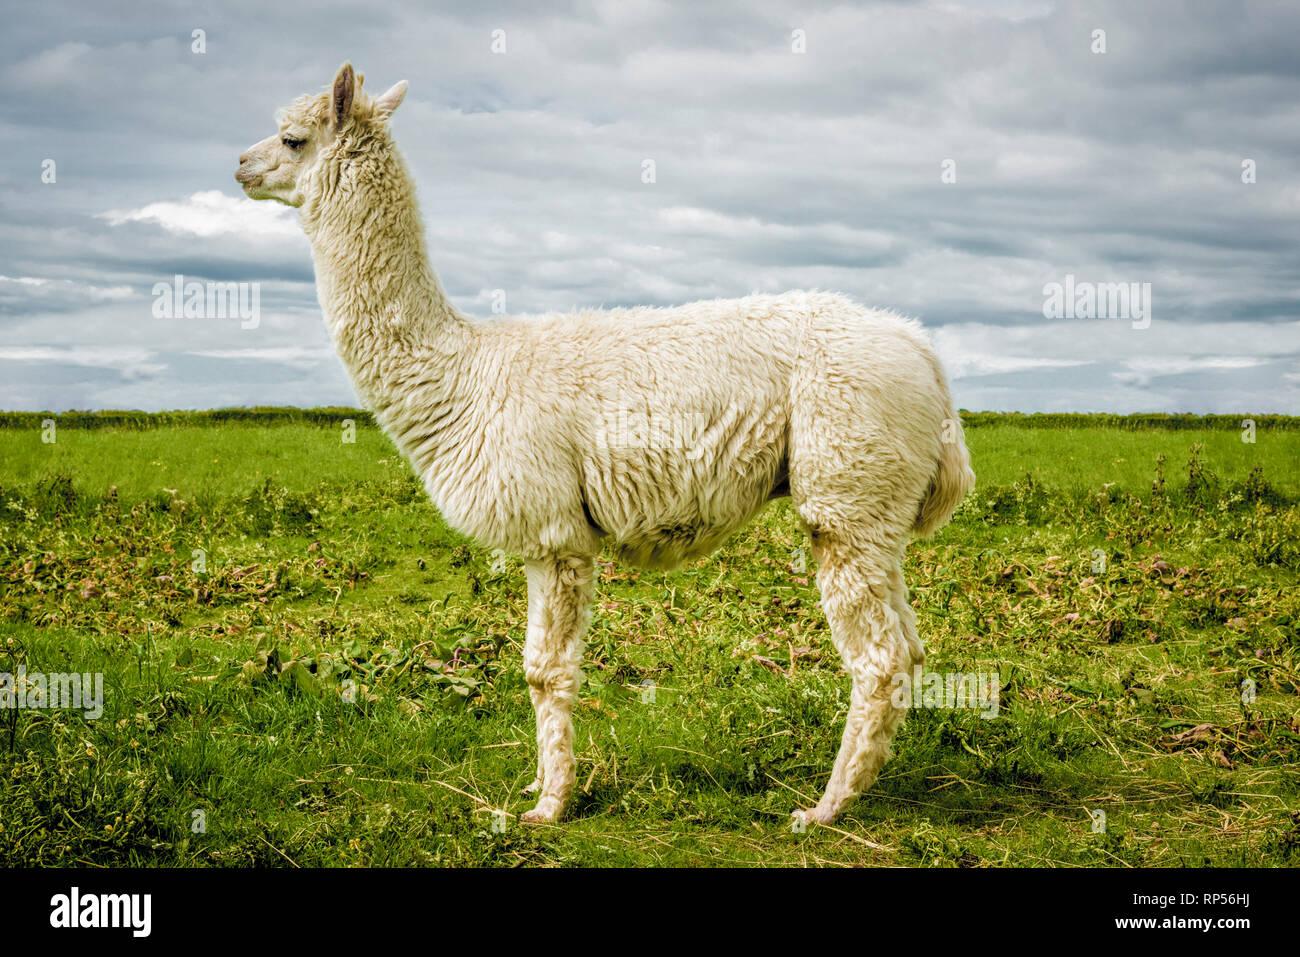 Alpaka (Vicugna pacos) - eine südamerikanische Arten von Camelid. Stockfoto